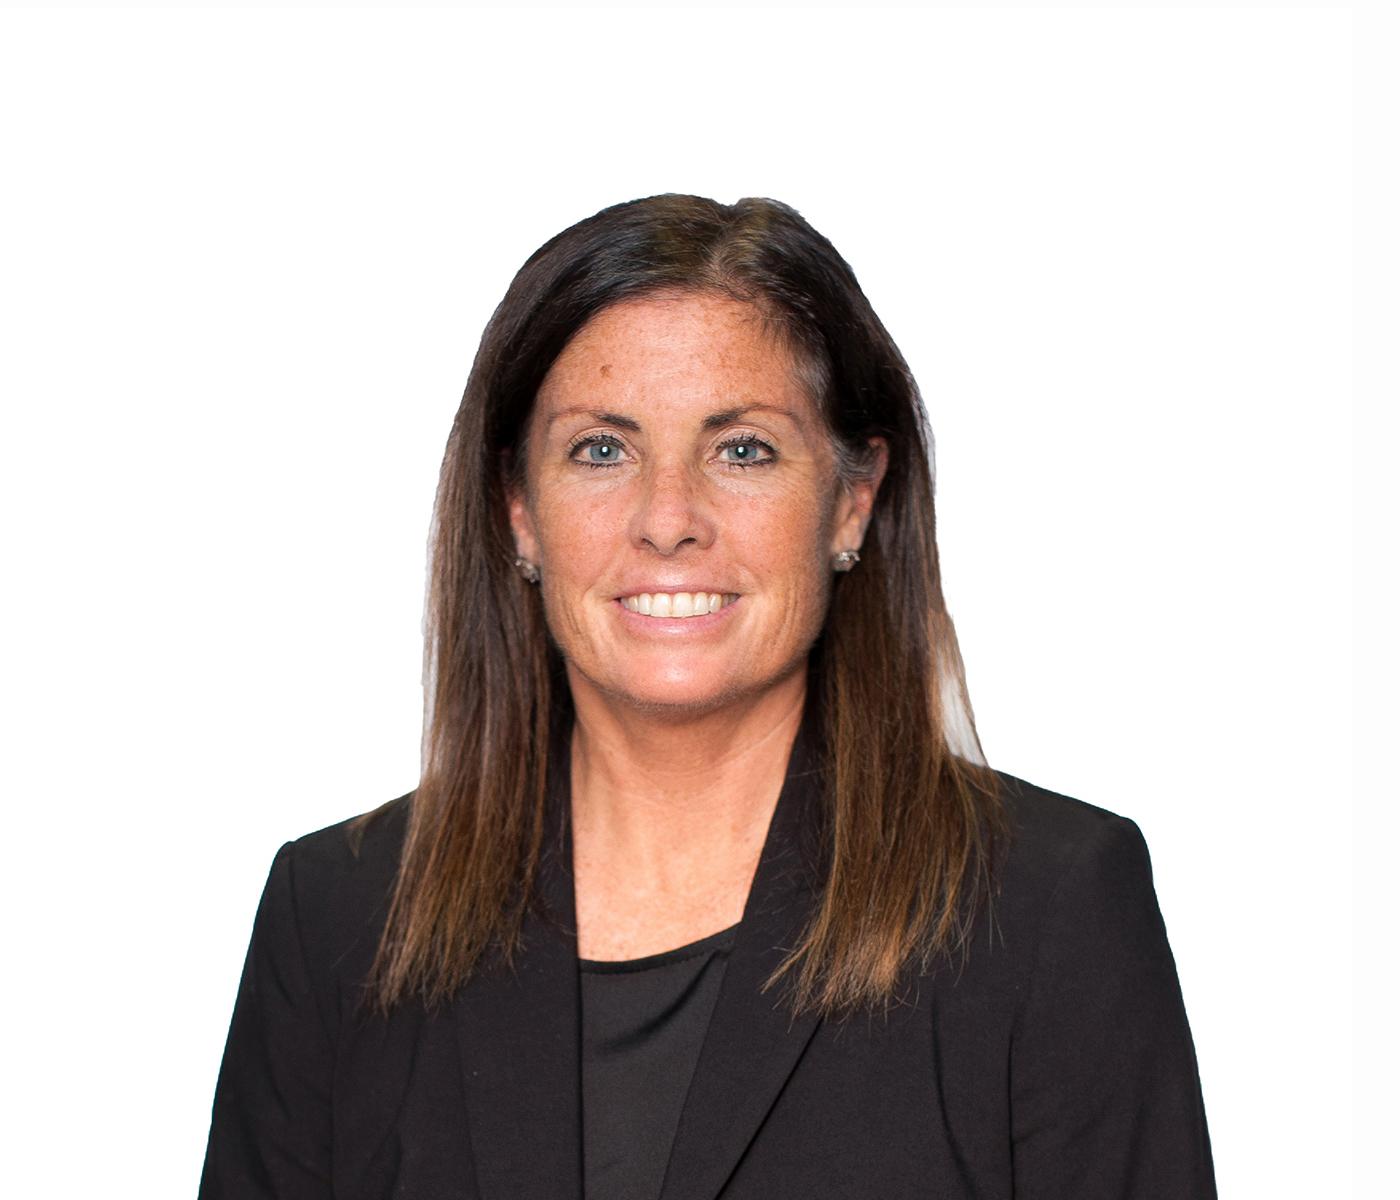 Lisa Burleson